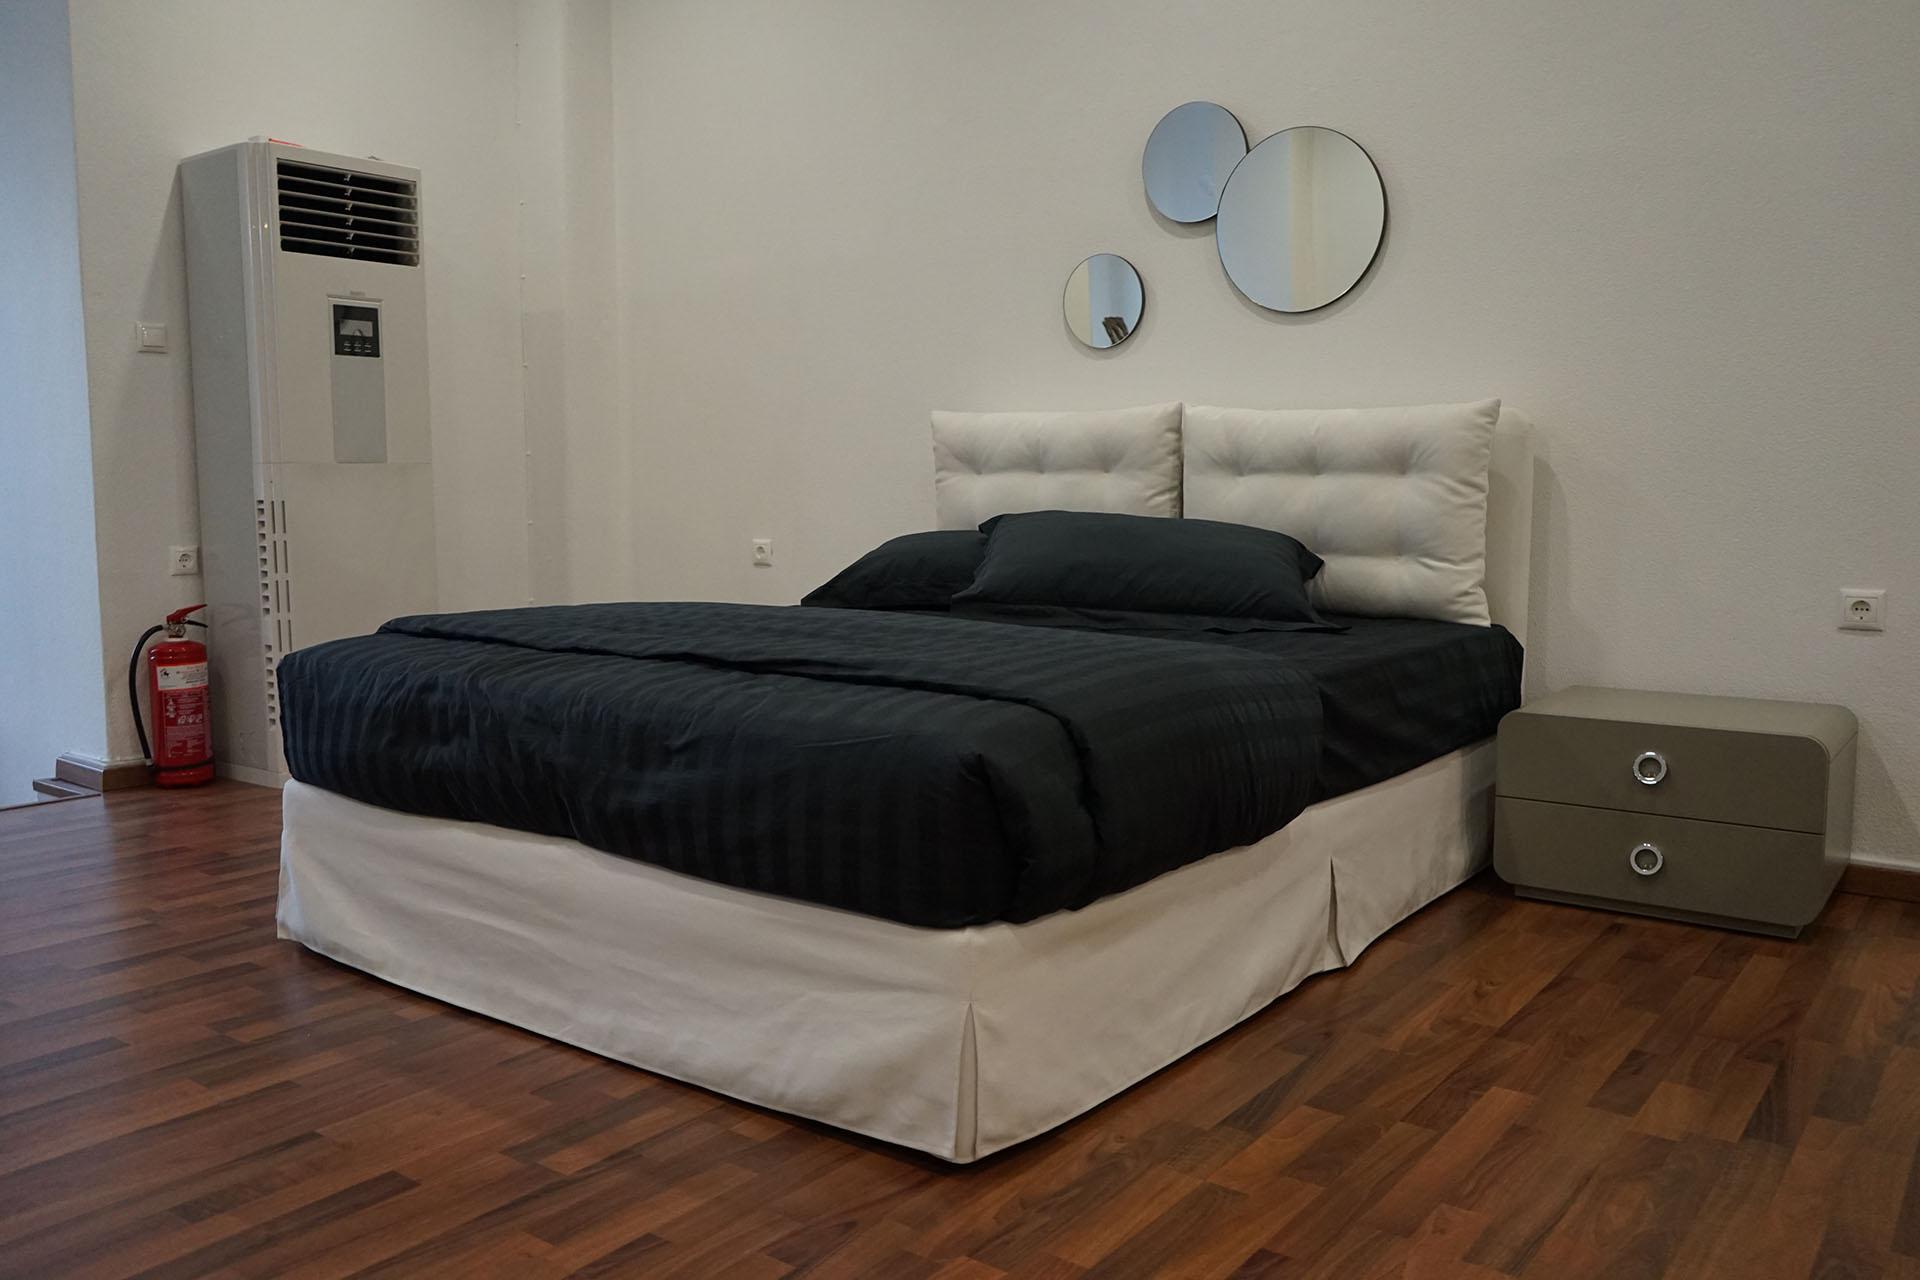 Bed Monet